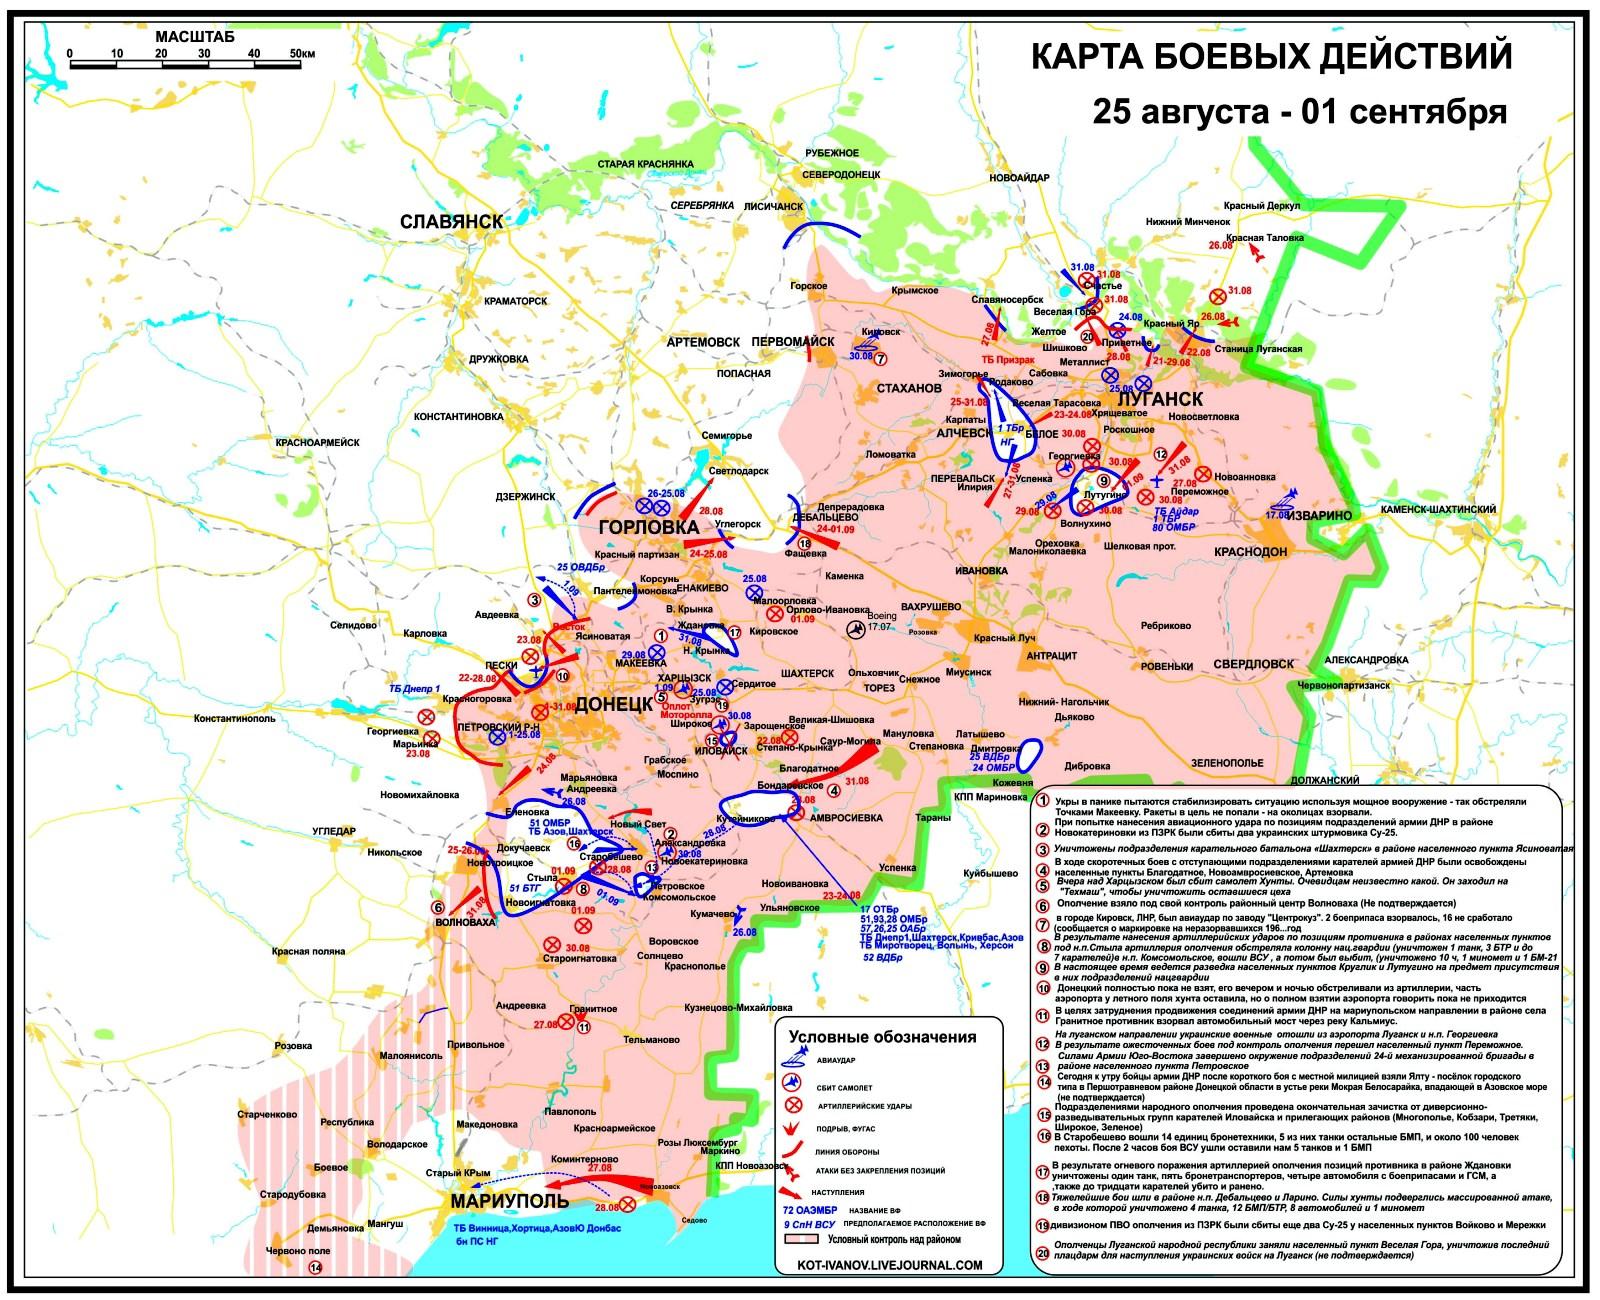 00 novorossiya 01 sitrep map. 02.09.14.